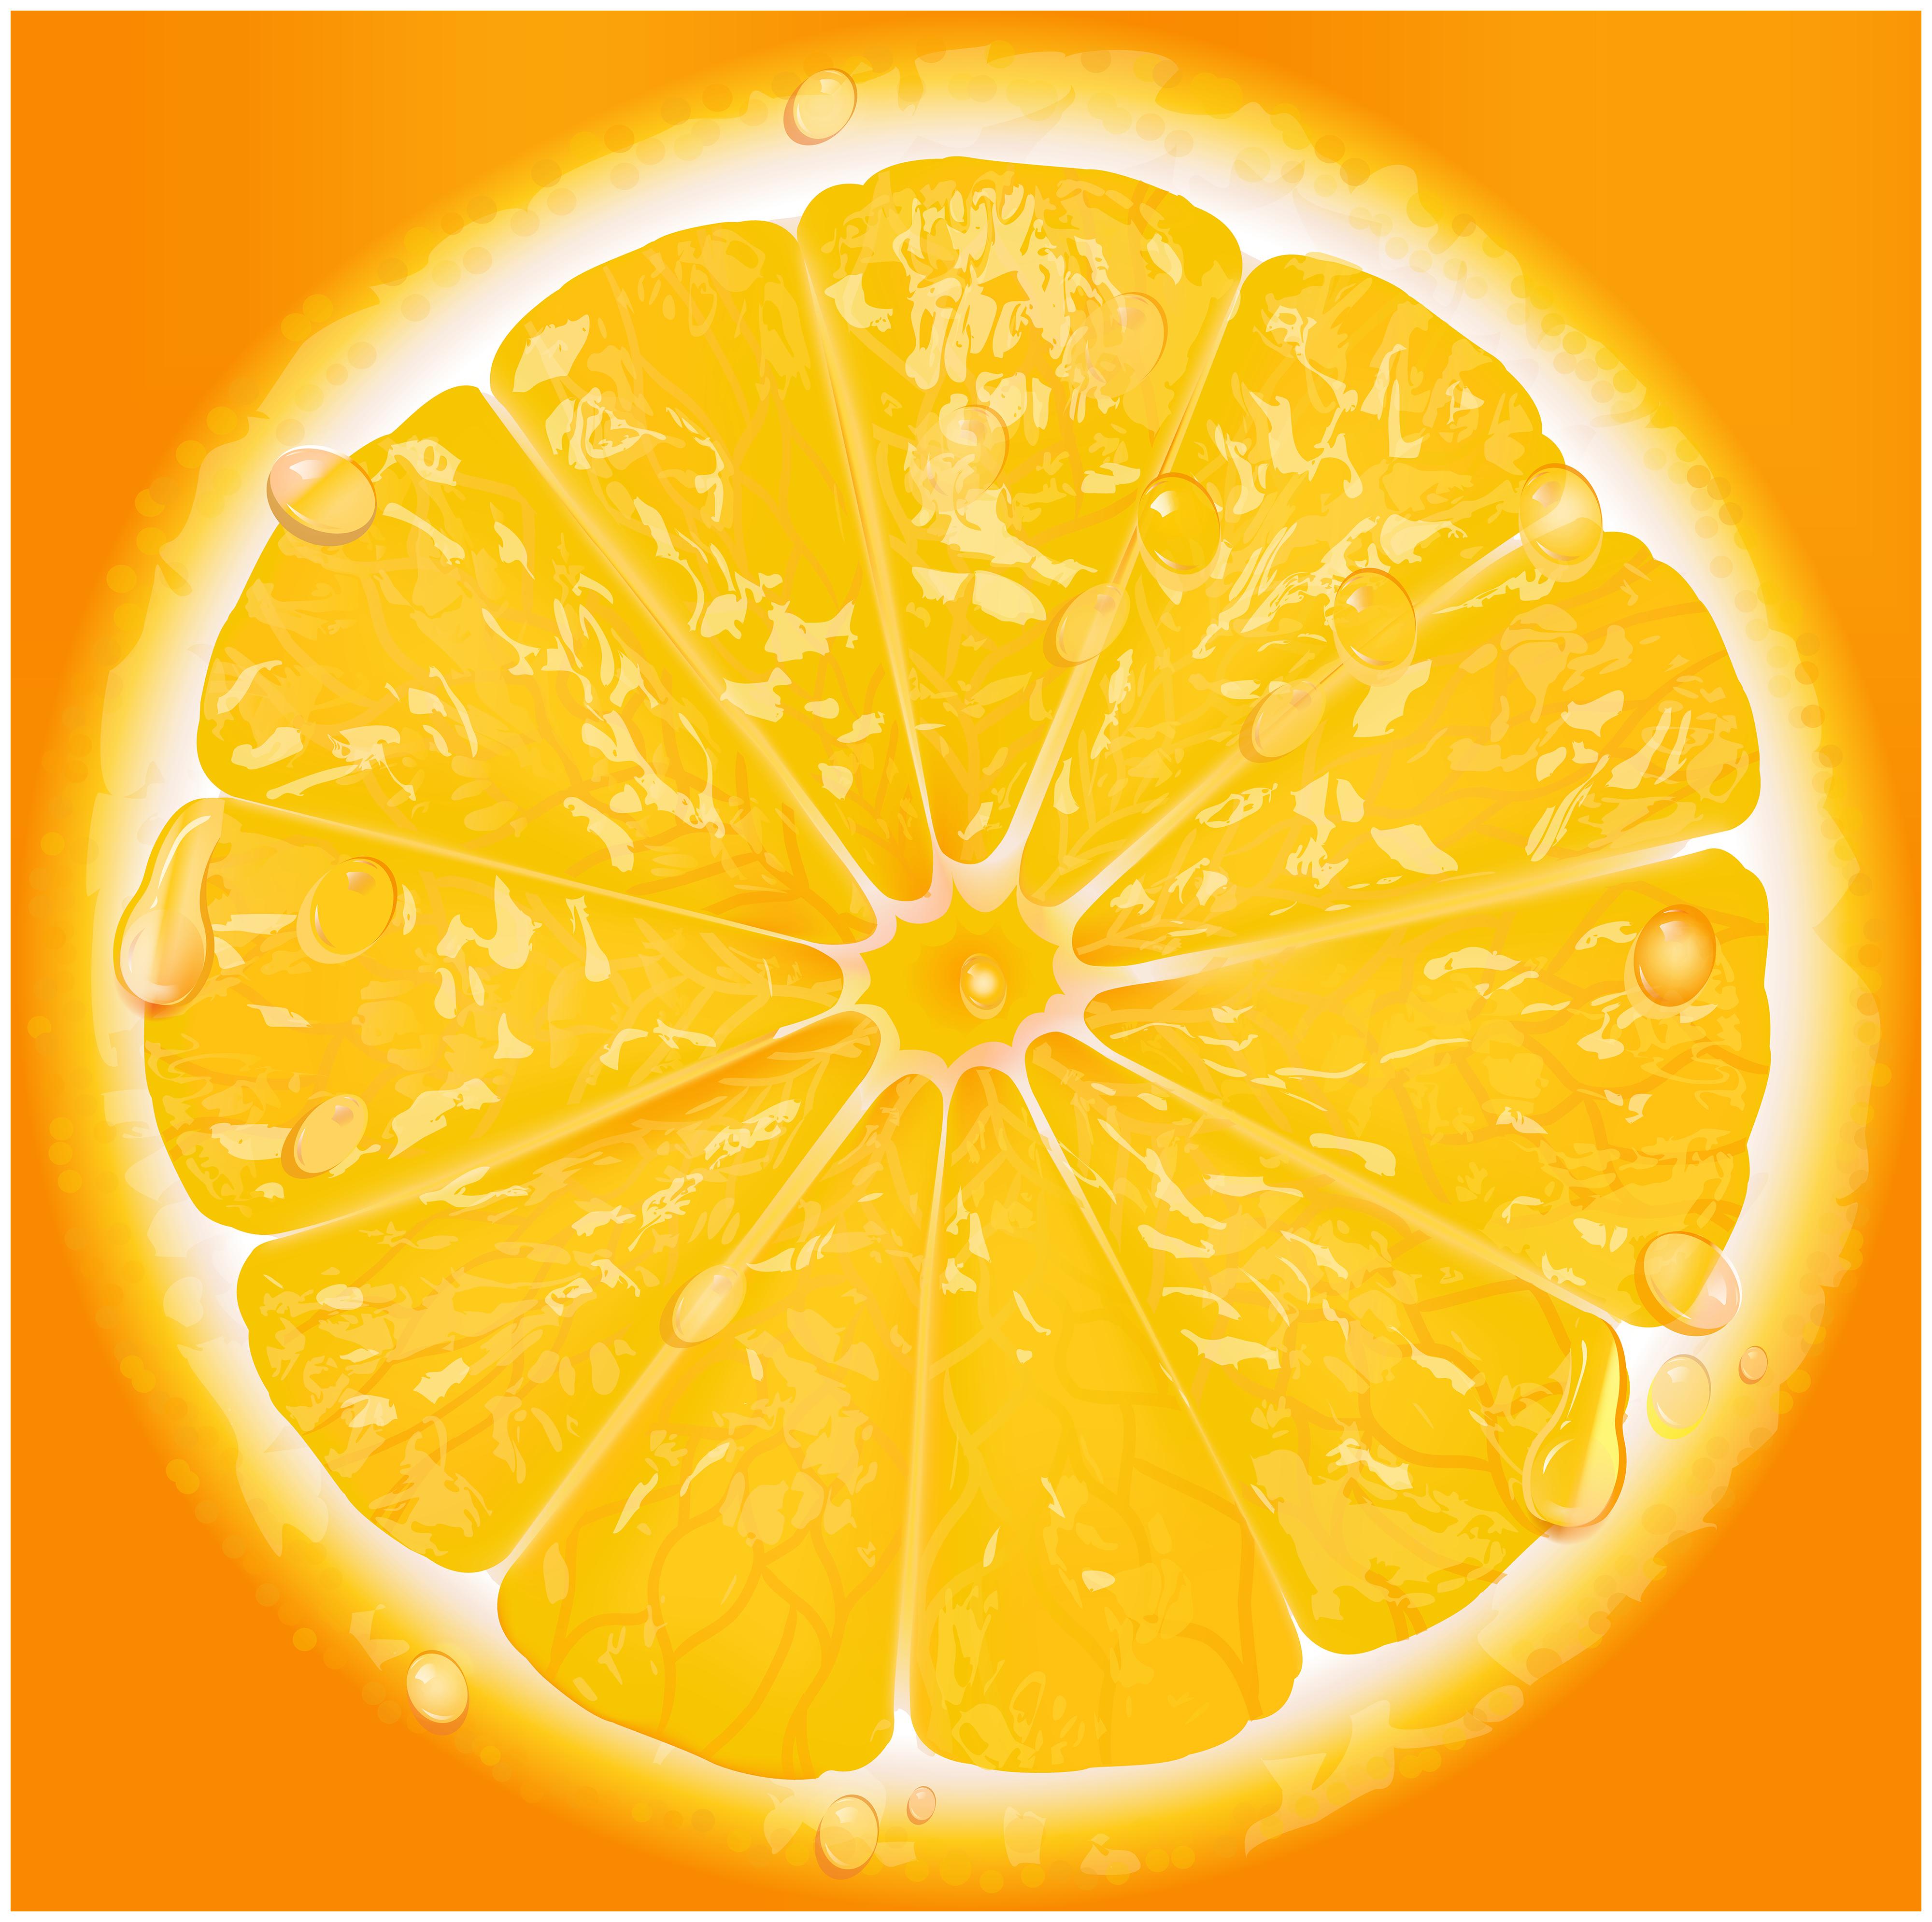 Lemon clipart lemon cake. Orange slice clip art